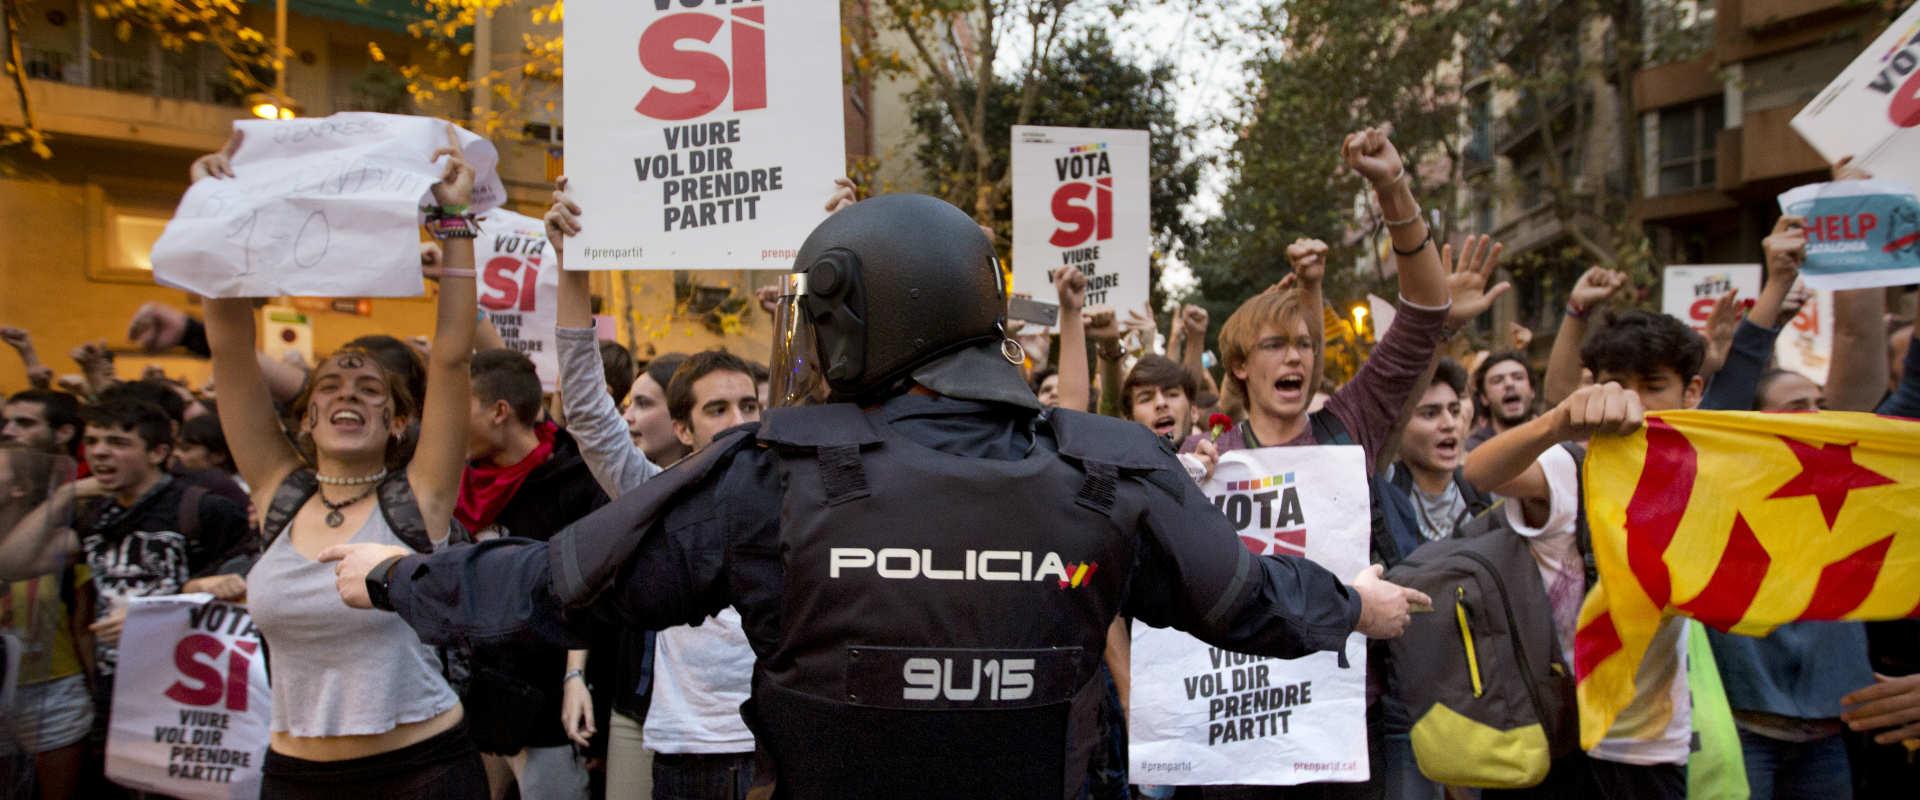 שוטר ספרדי עומד מול מפגינים קטלונים במהלך משאל העם